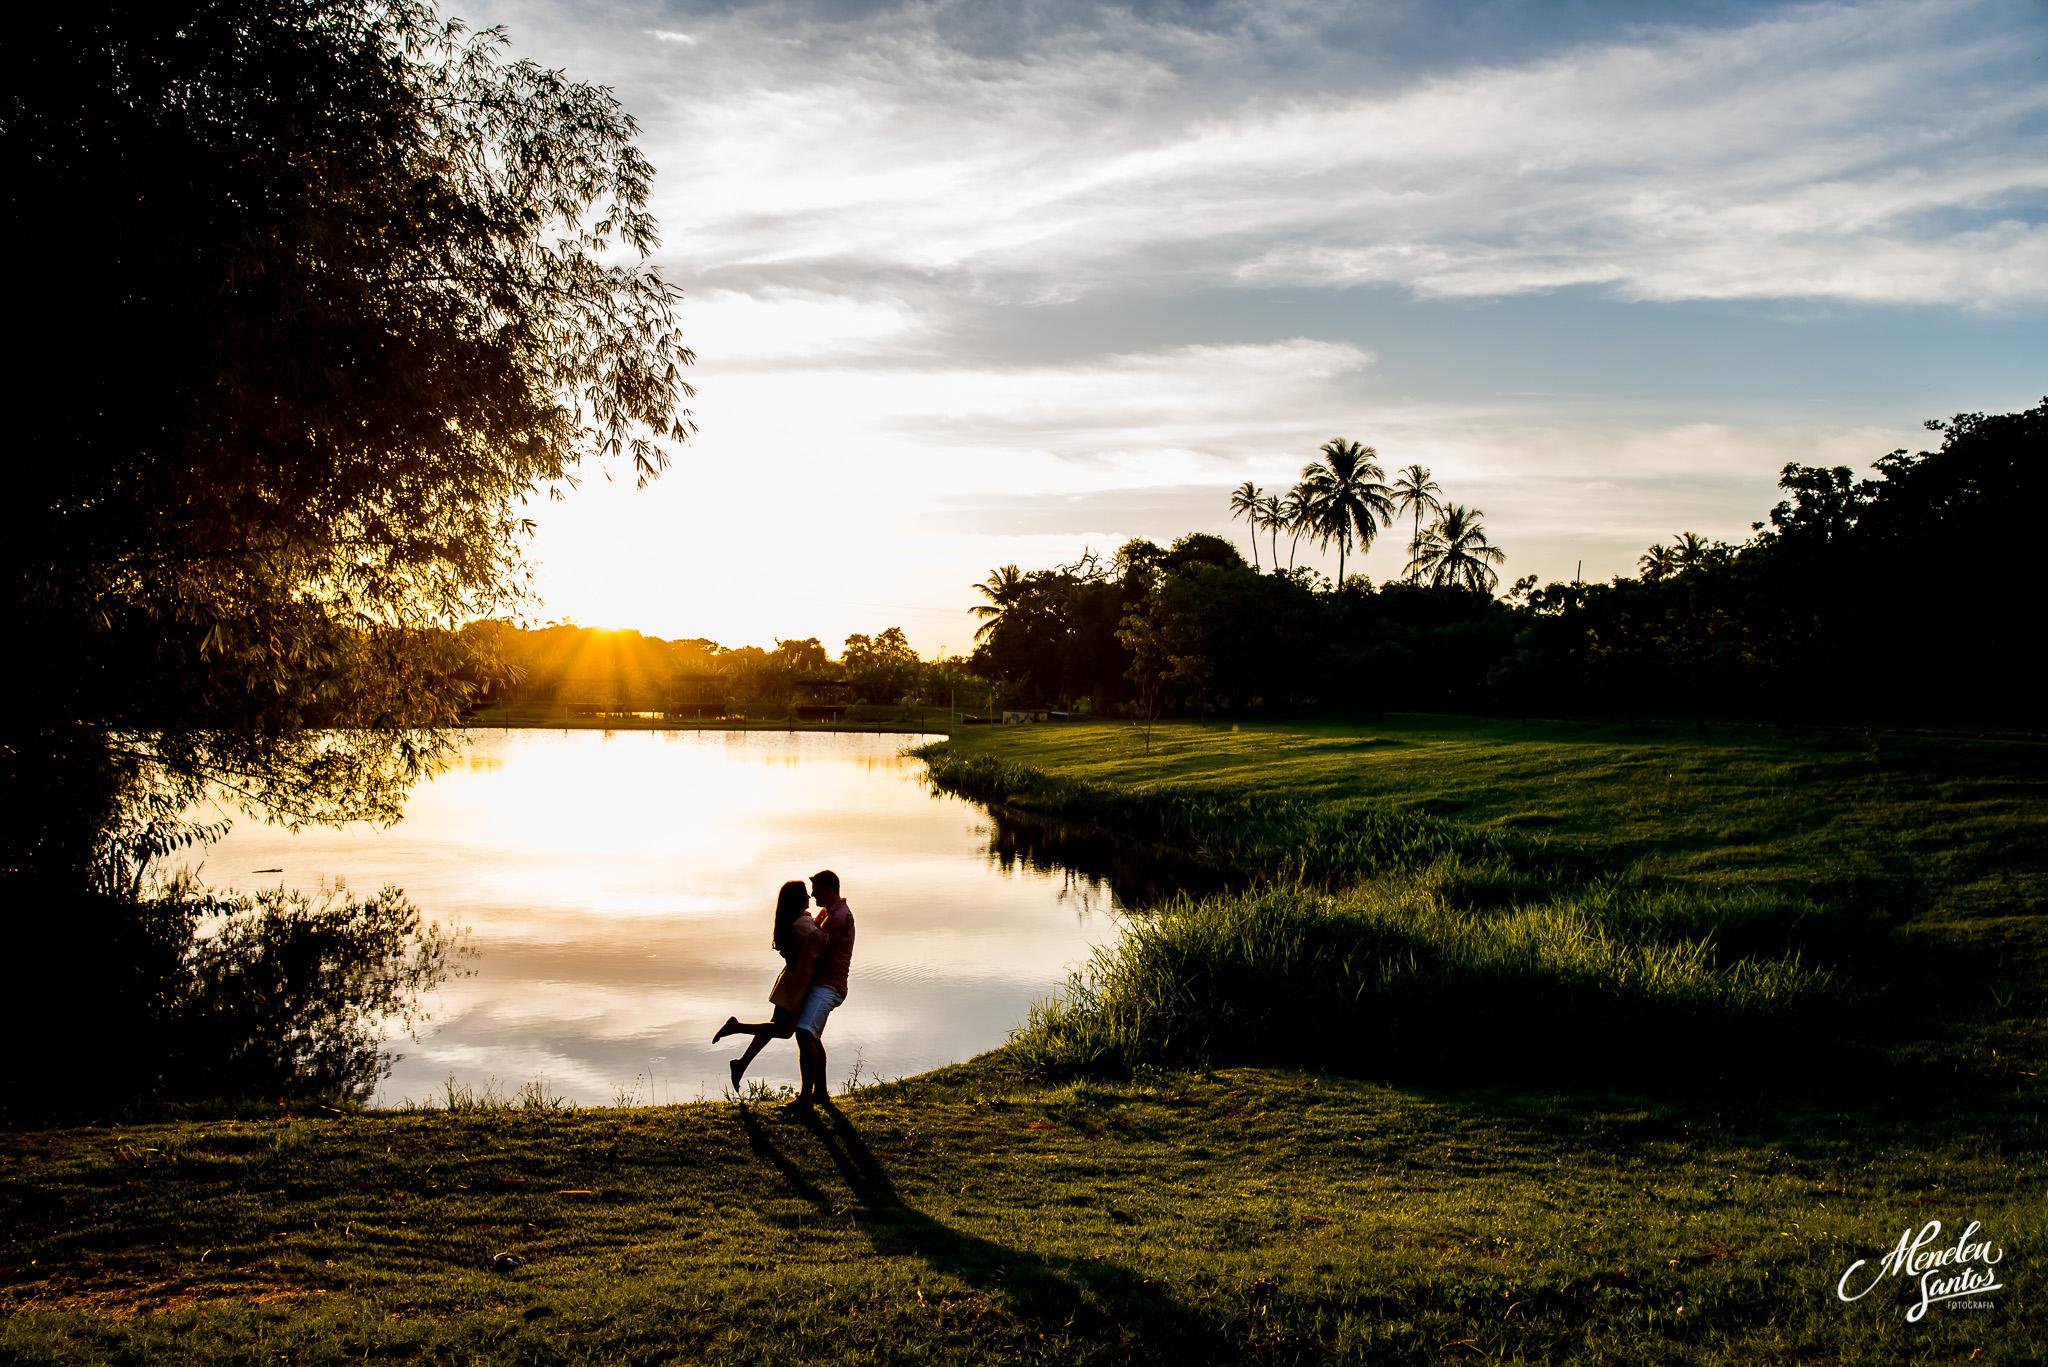 Contate Meneleu Santos - Fotógrafo de casamentos em Fortaleza-CE